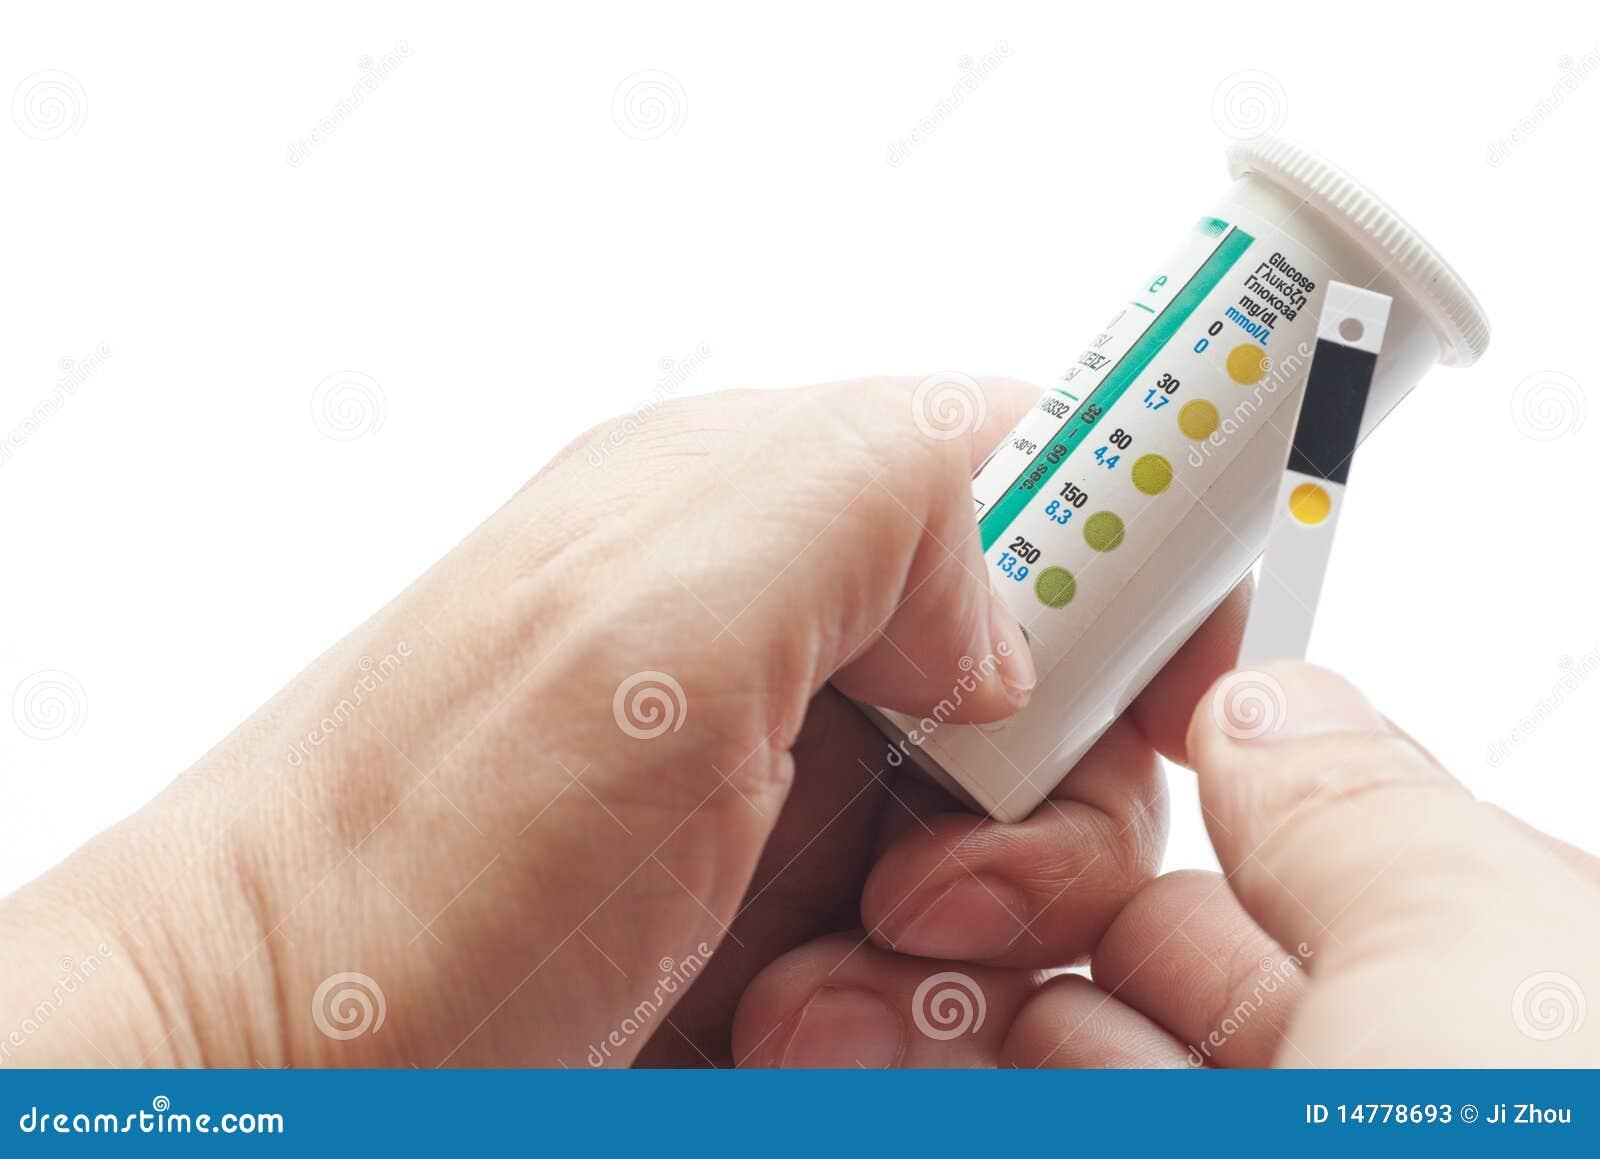 Tiras de Prueba de Glucosa en Llamada Adicionales x50